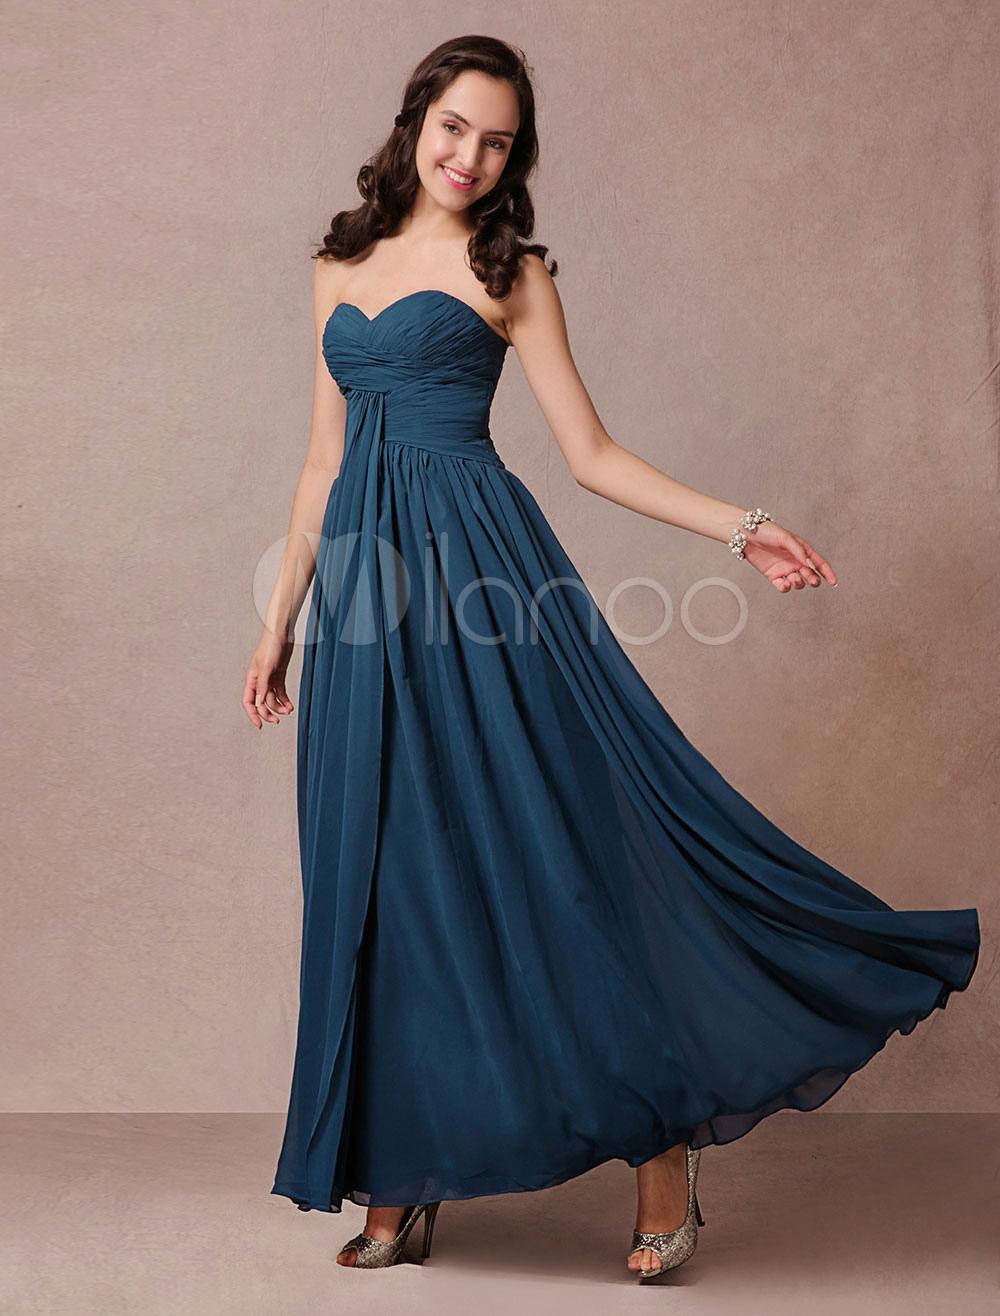 Blaue Brautjungfer Kleid Maxi Chiffon trägerlosen Kleid ...